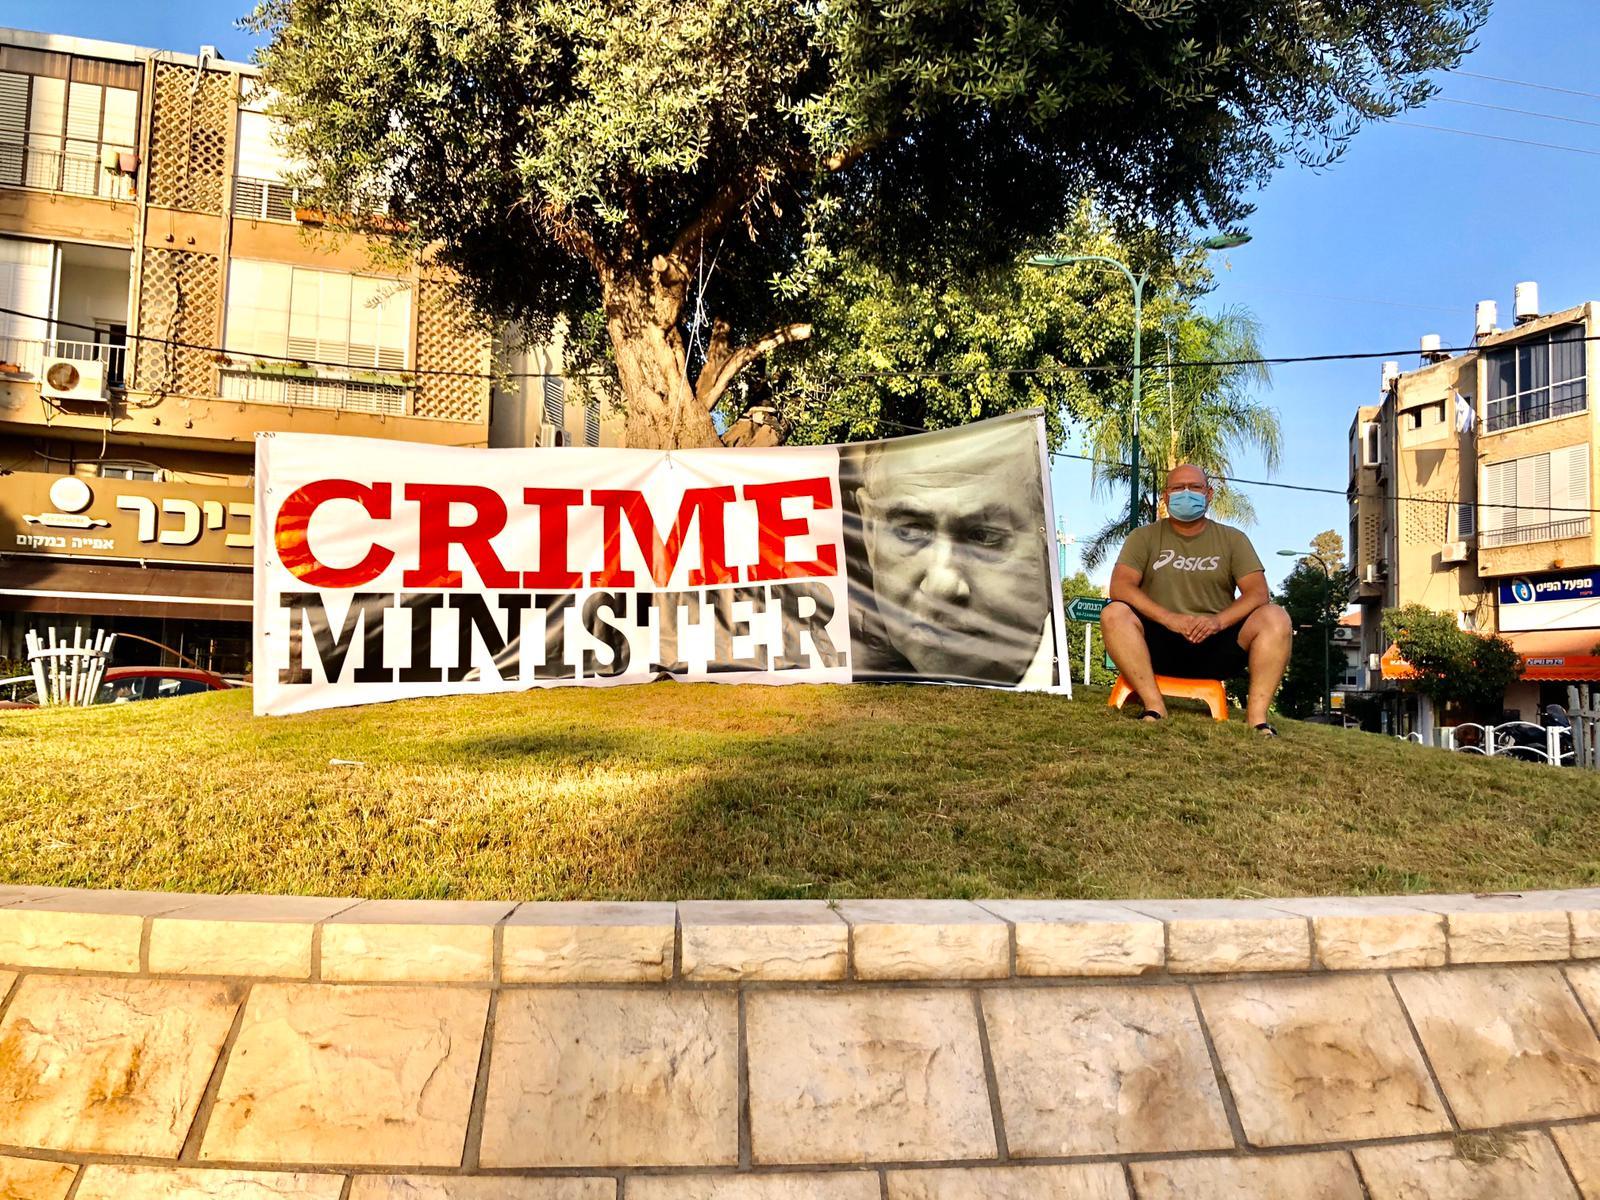 קריים מיניסטר ומשטרת ישראל מגיעות לבית המשפט